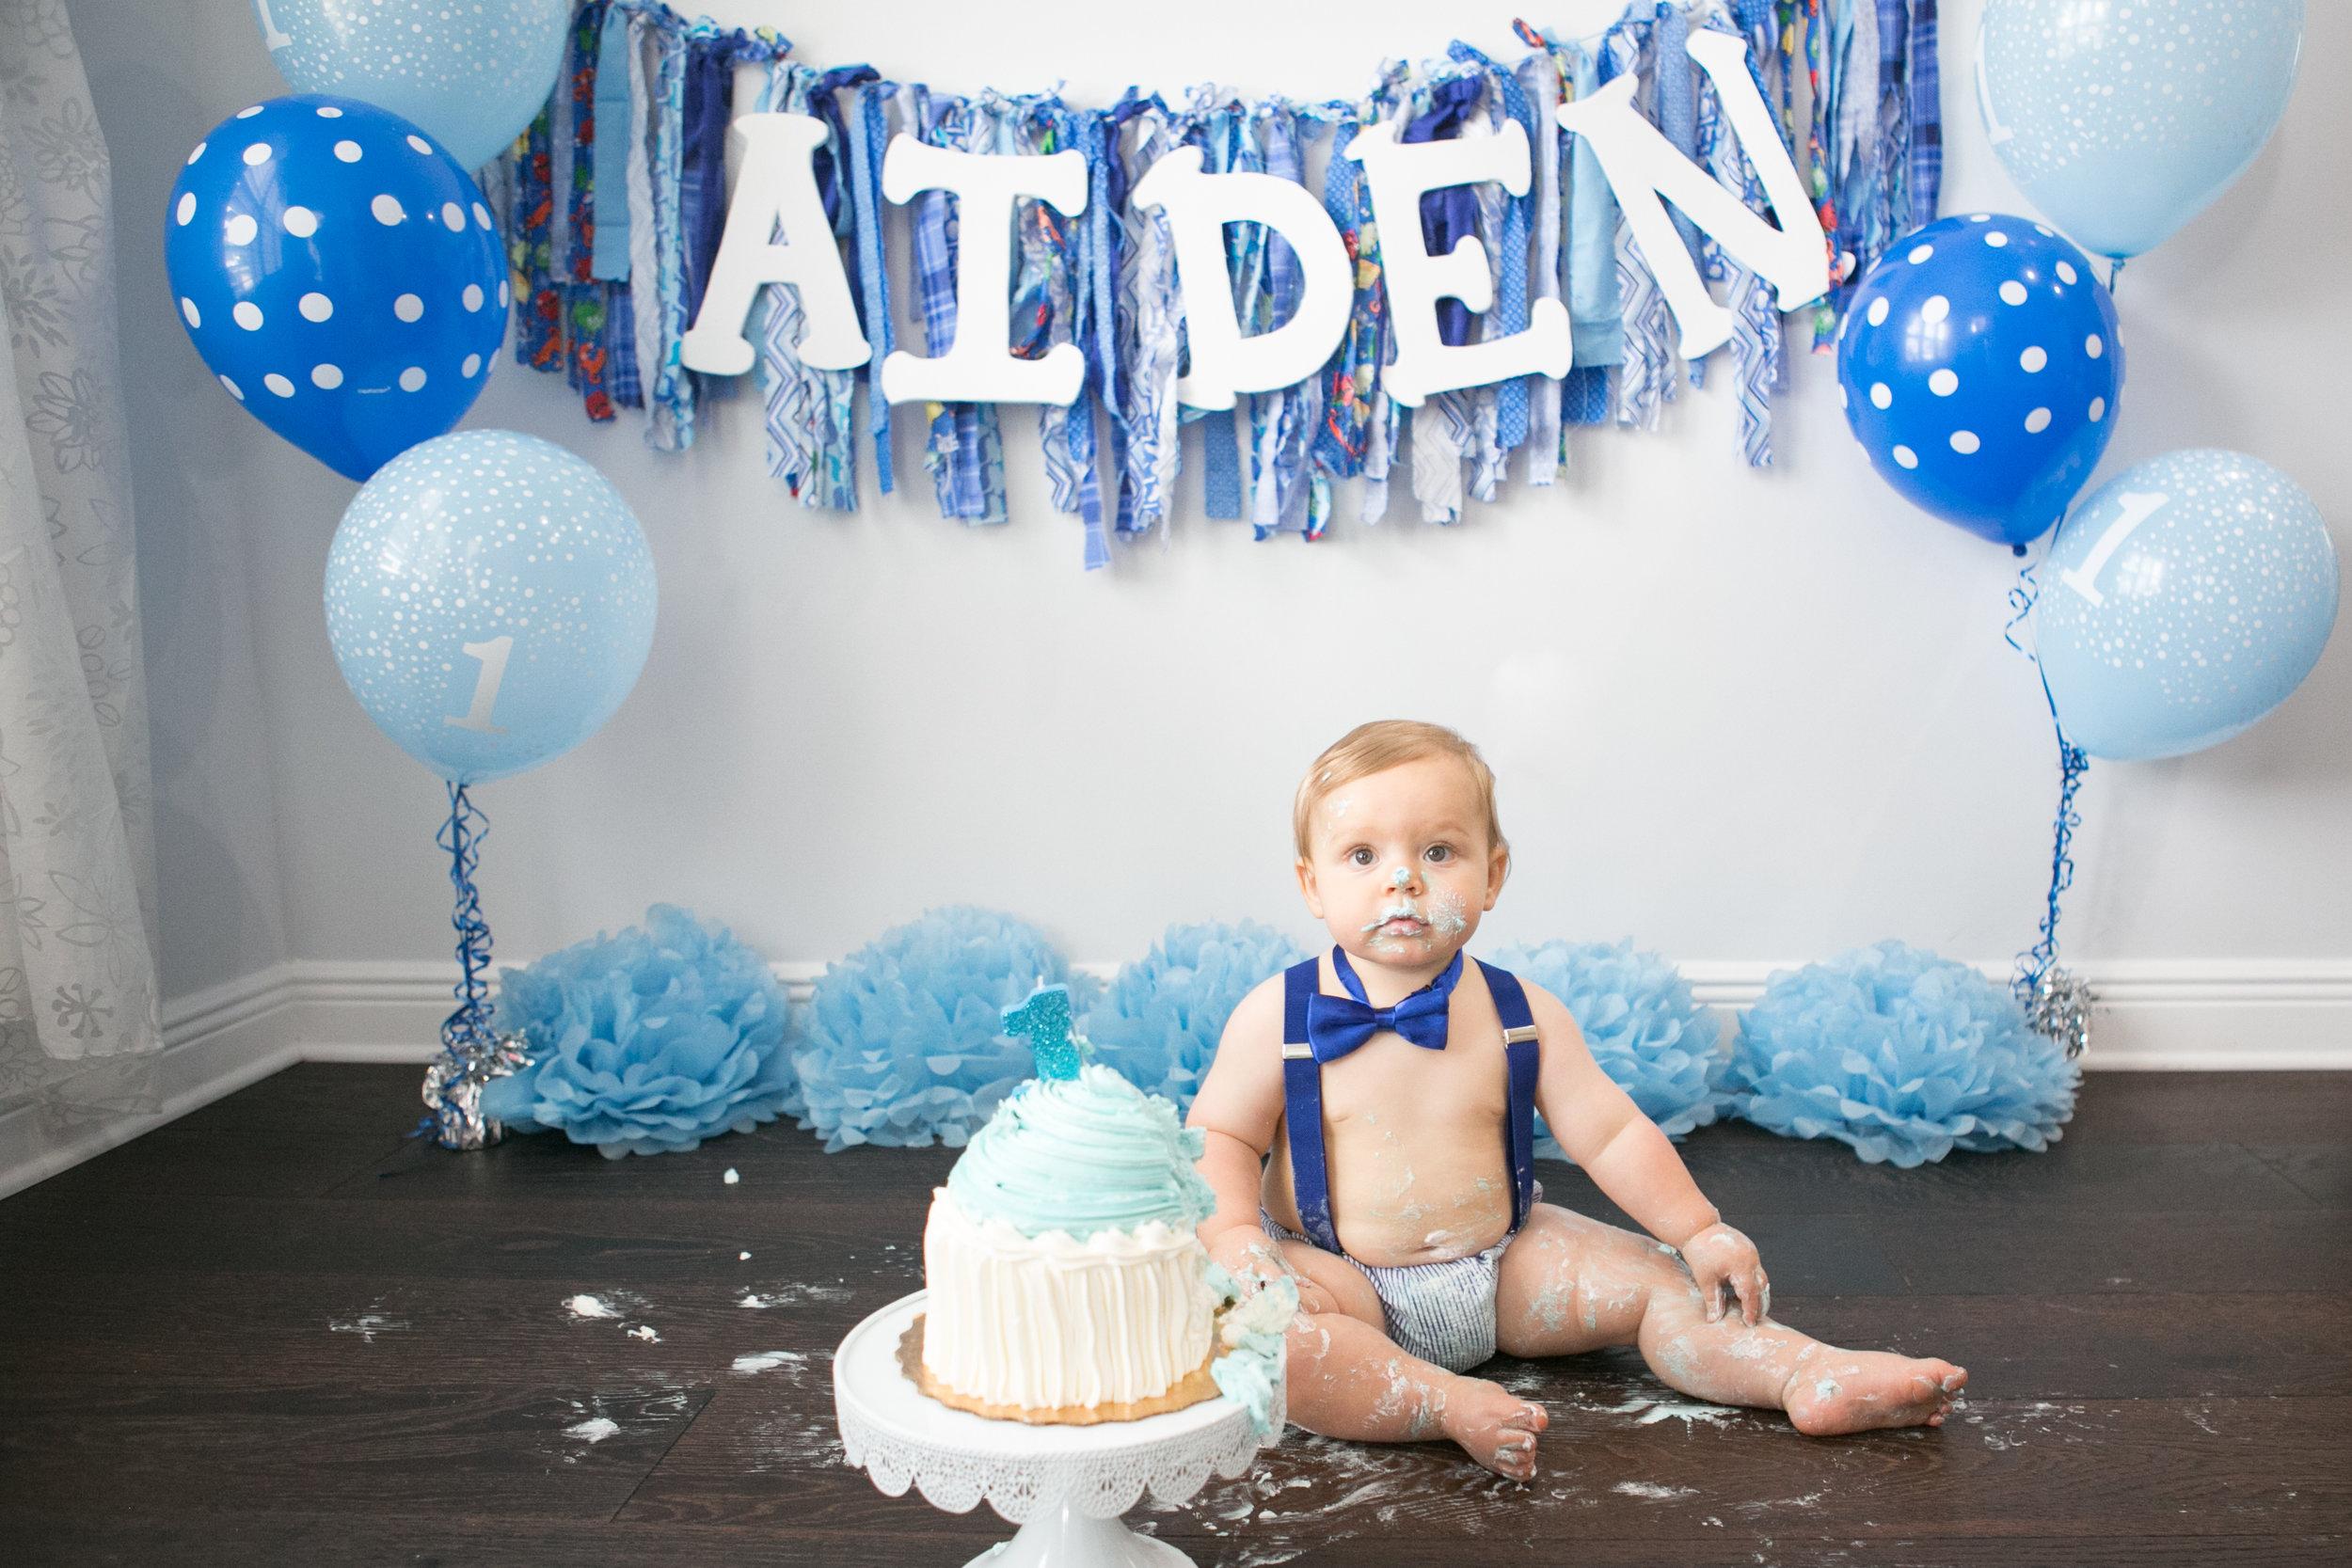 4_9_18 Aiden 1 Year Old Photos 070 _ 0G5B4771.jpg